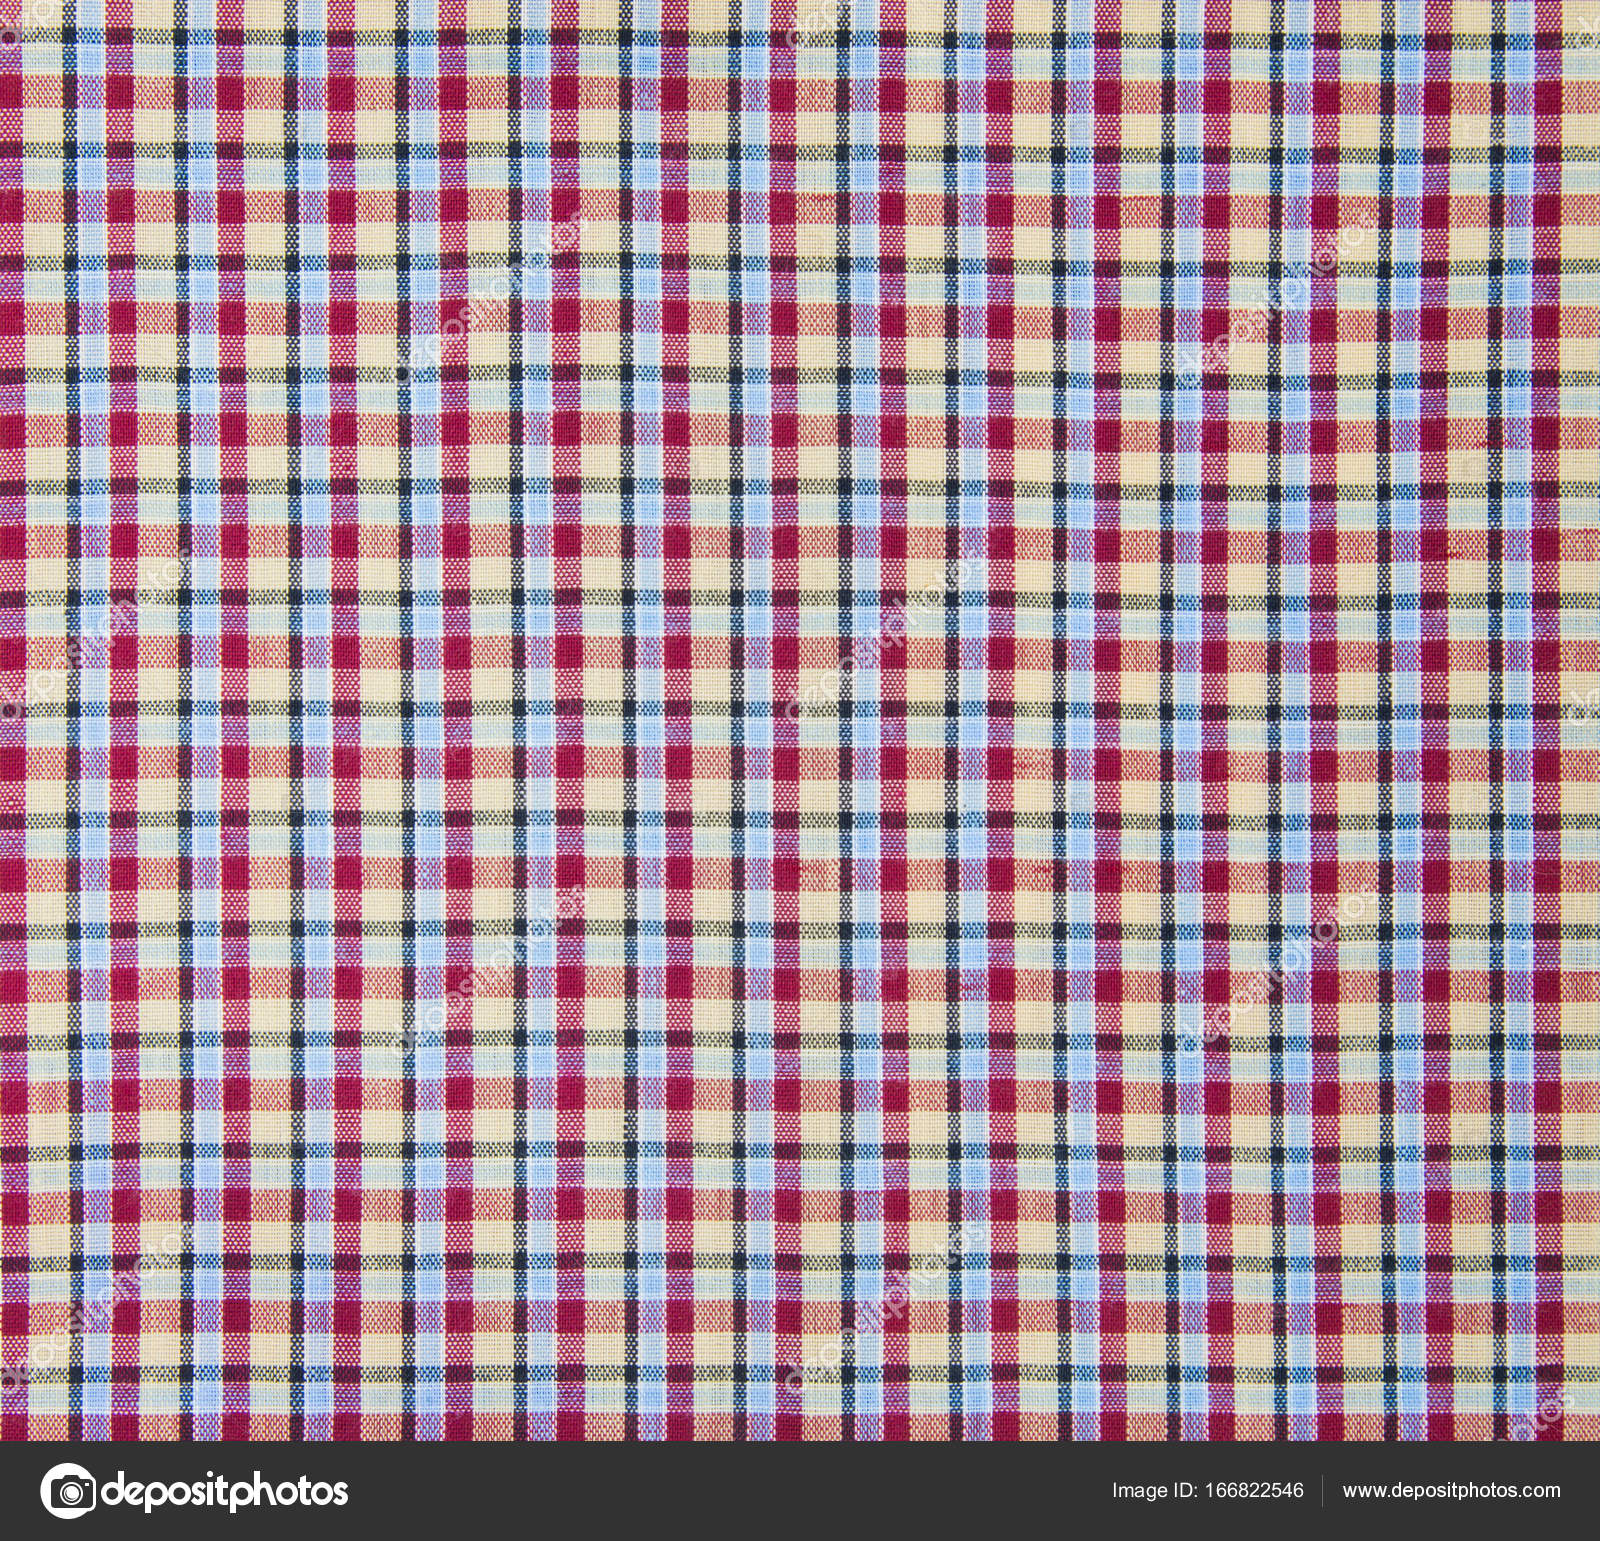 2699b6c889 textura xadrez tecido — Fotografias de Stock © studio306stock #166822546